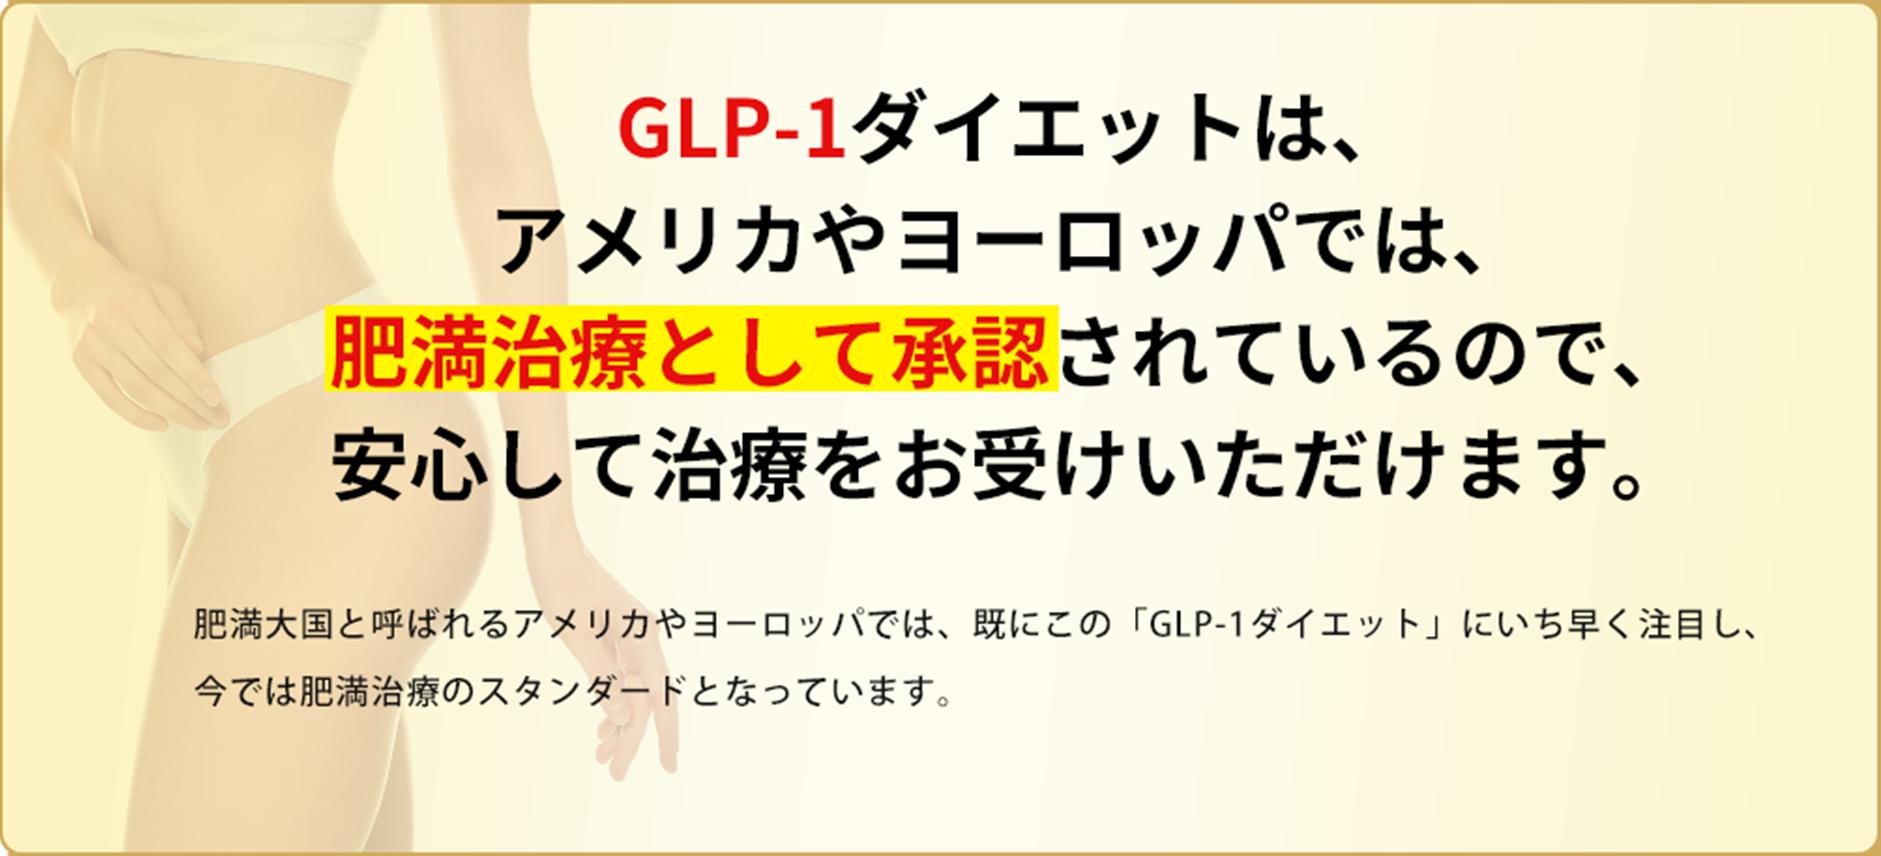 GLP-1ダイエットはアメリカやヨーロッパでは、肥満治療として承認されているので、安心して治療をお受けいただけます。肥満大国と呼ばれるアメリカやヨーロッパでは、既にこの「GLP-1ダイエット」にいち早く注目し、今では肥満治療のスタンダードとなっています。